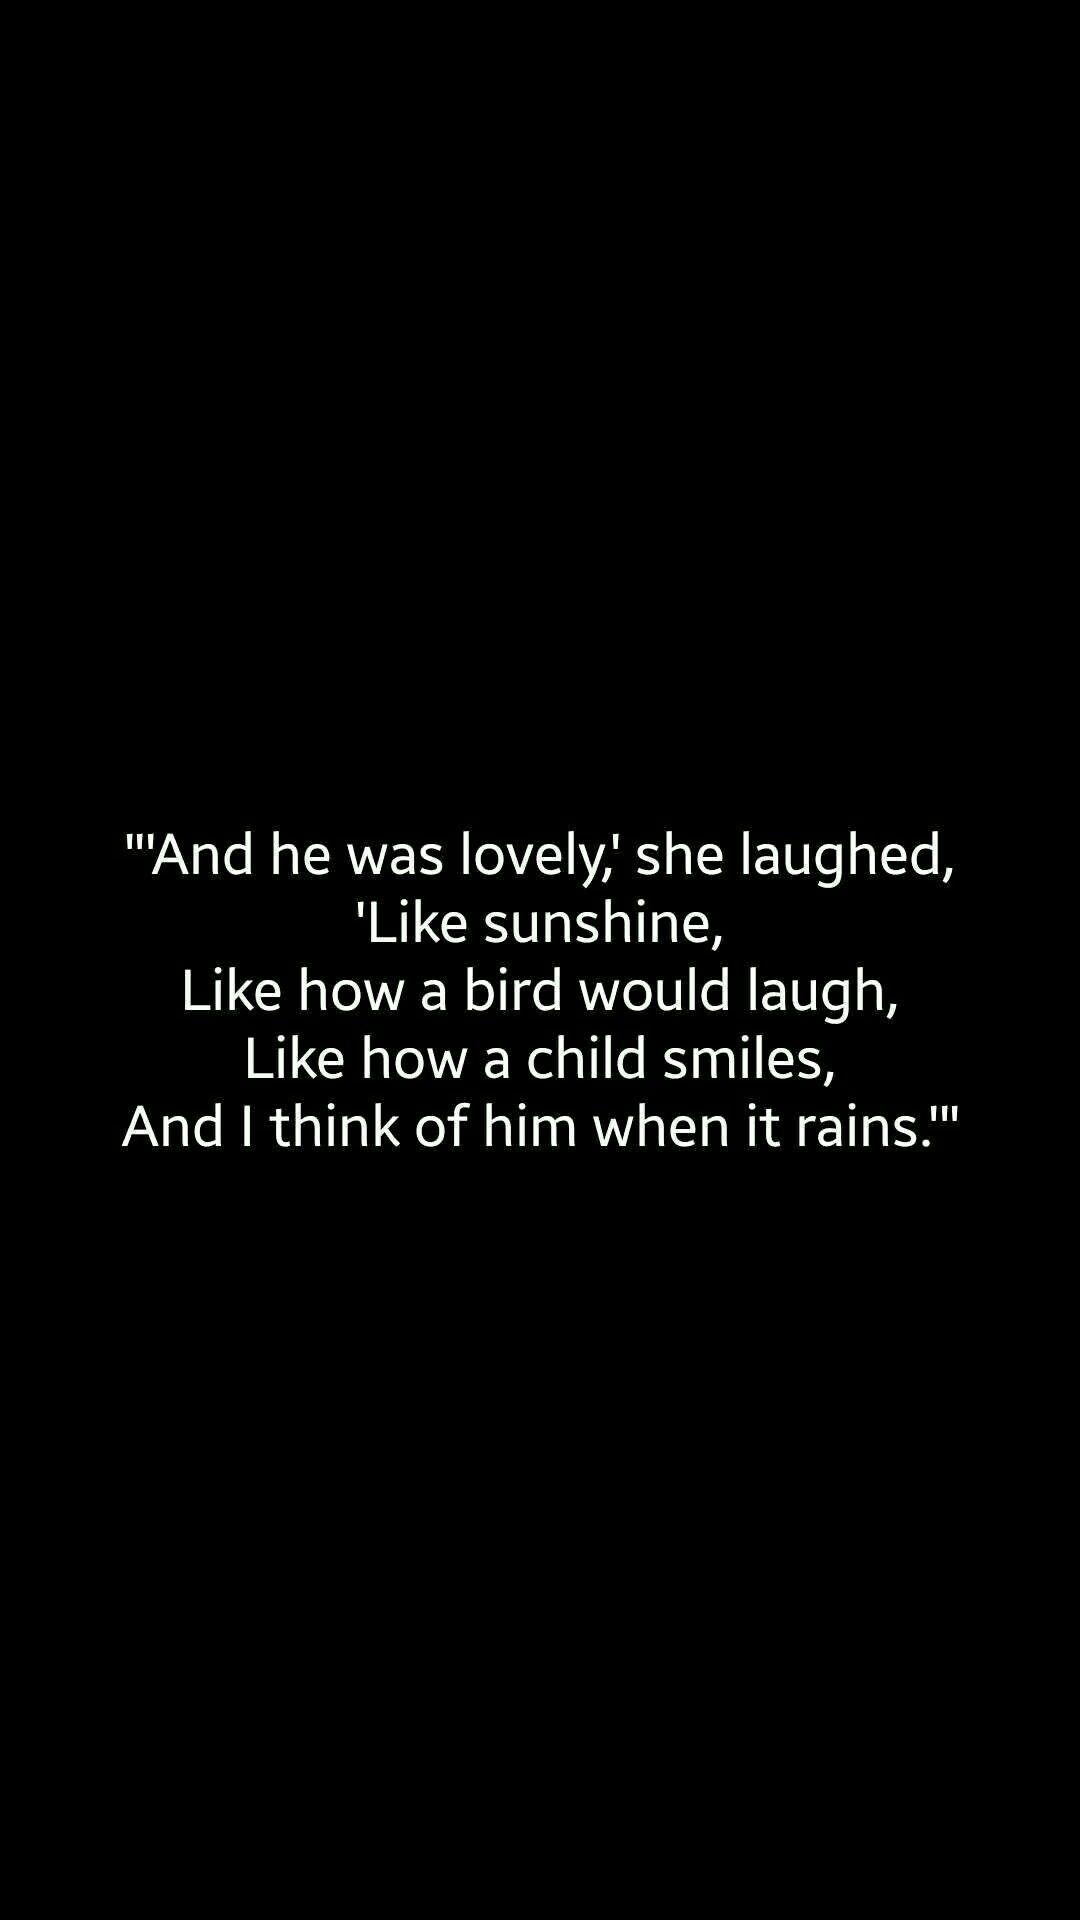 Love Bird Quotes By Karisaskingdom Love Bird Rain Sunshine Sad Miss Him